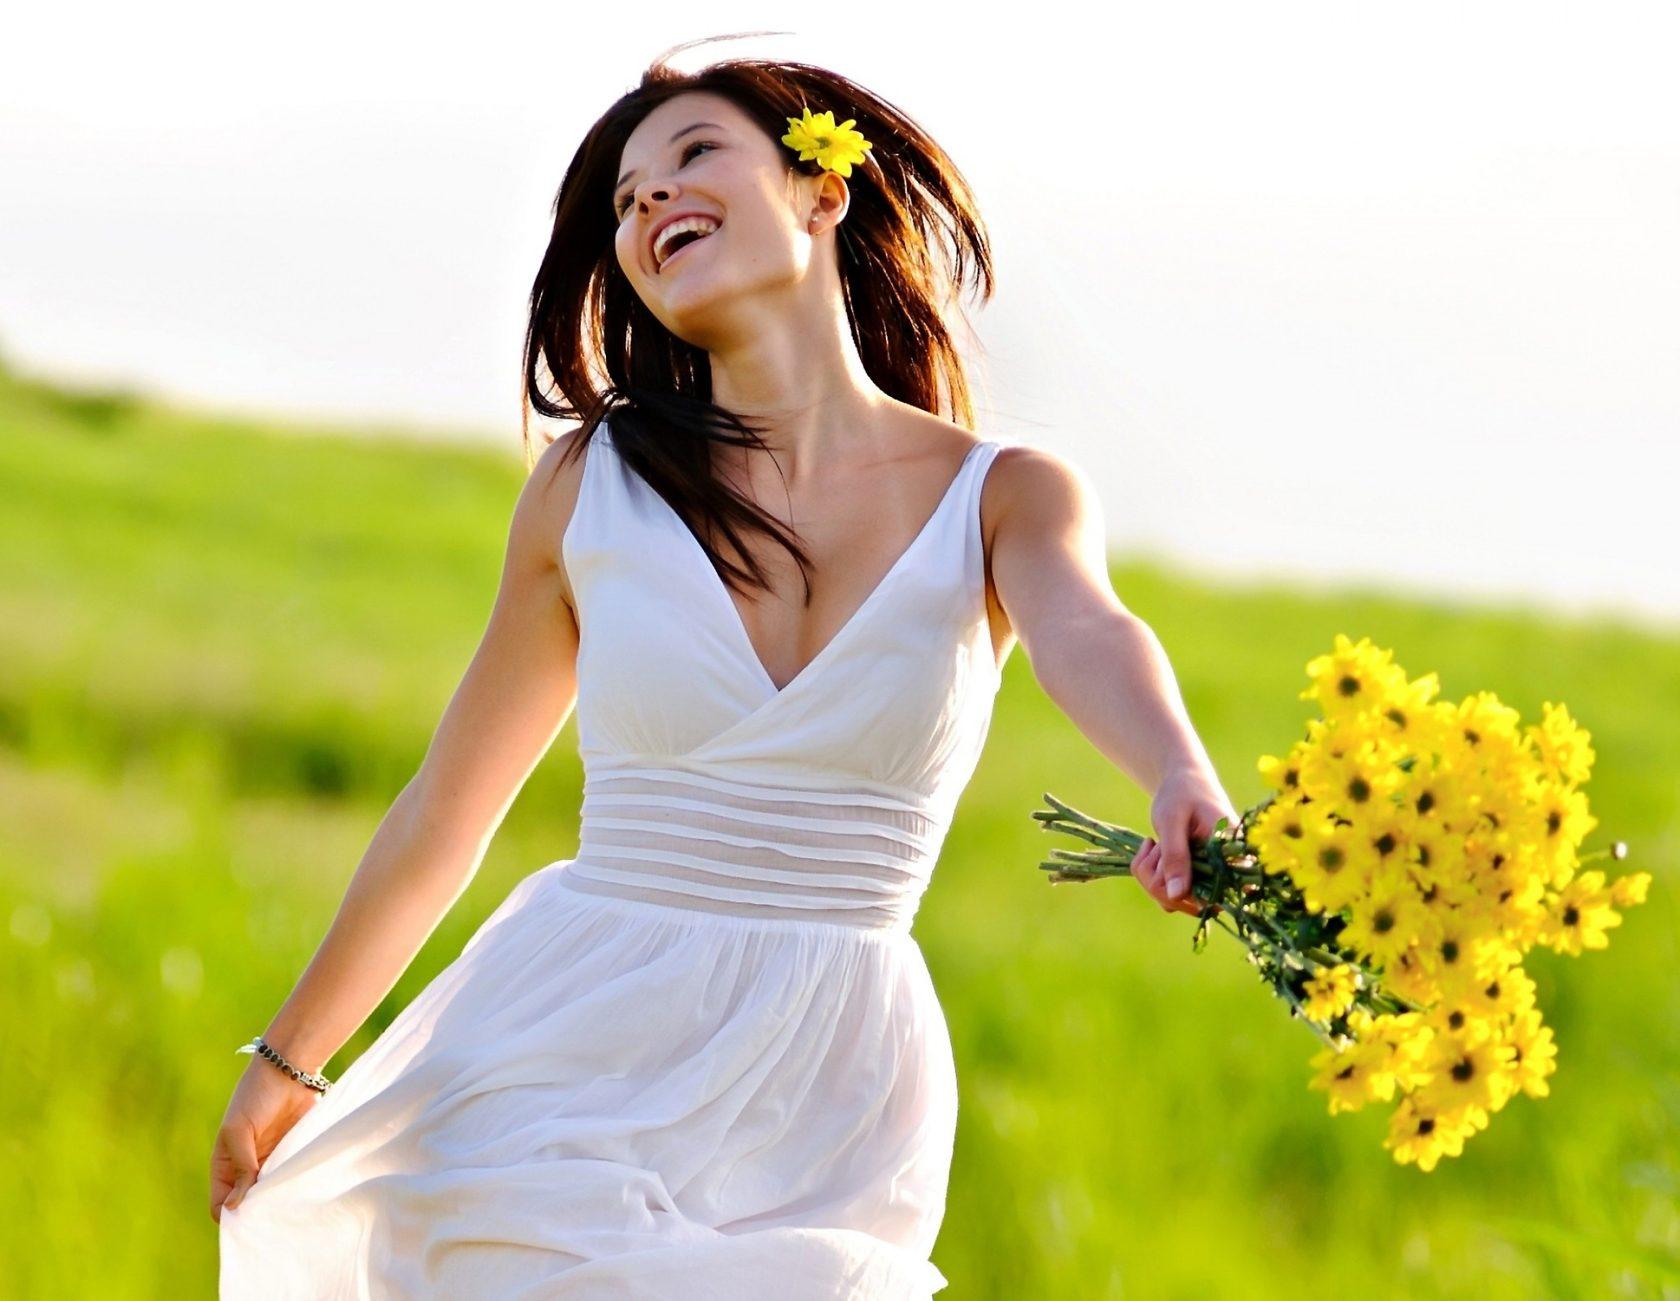 Картинка радость быть женщиной